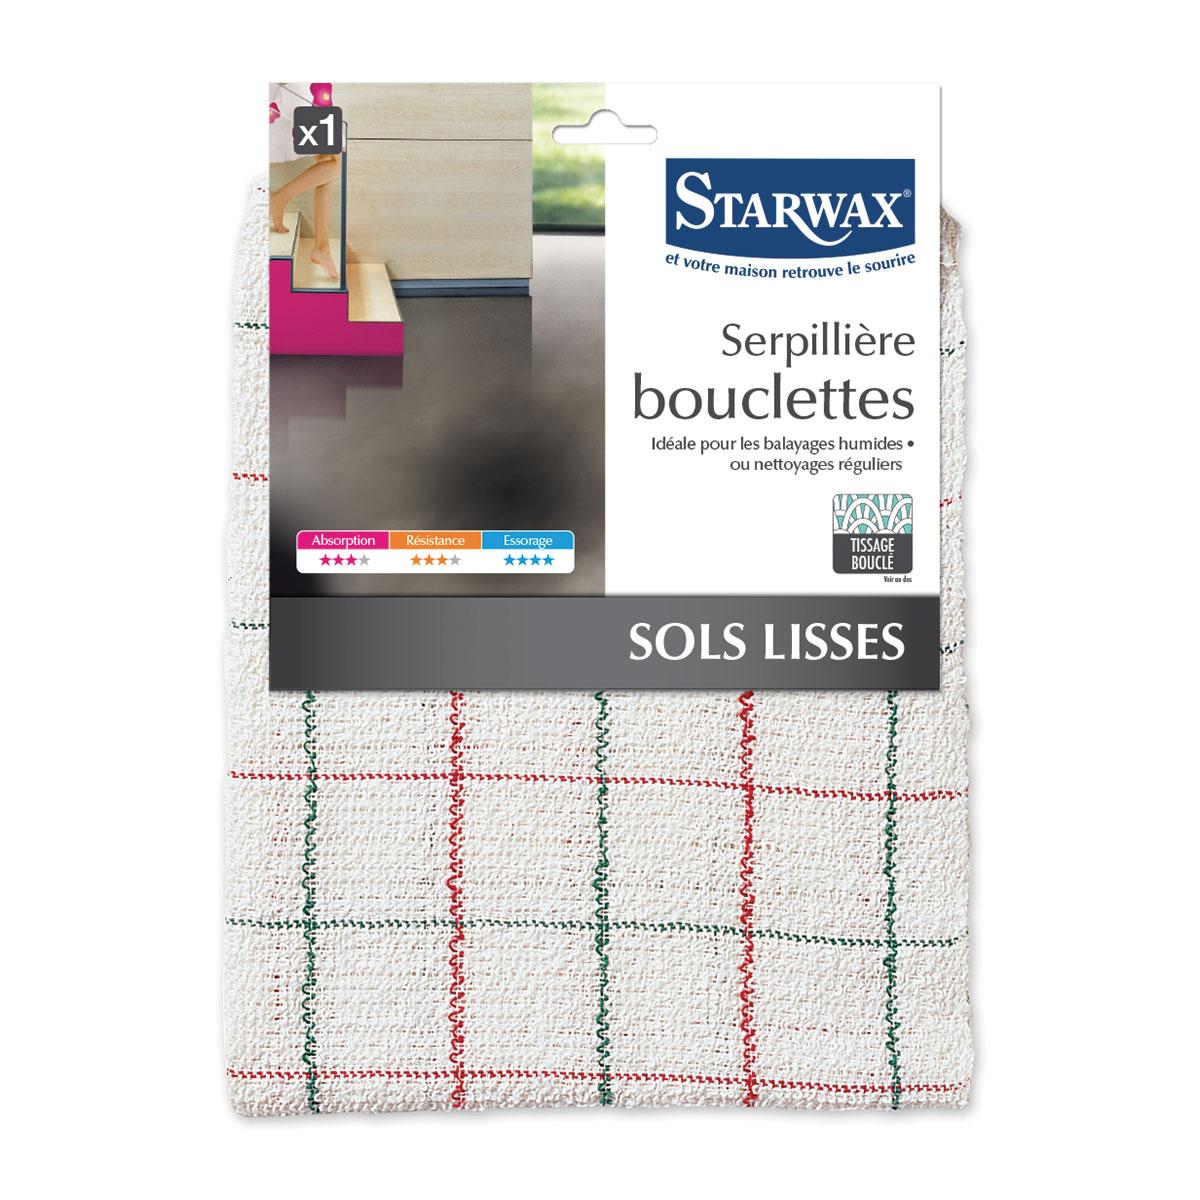 Serpillière bouclettes pour sols intérieurs lisses - Starwax